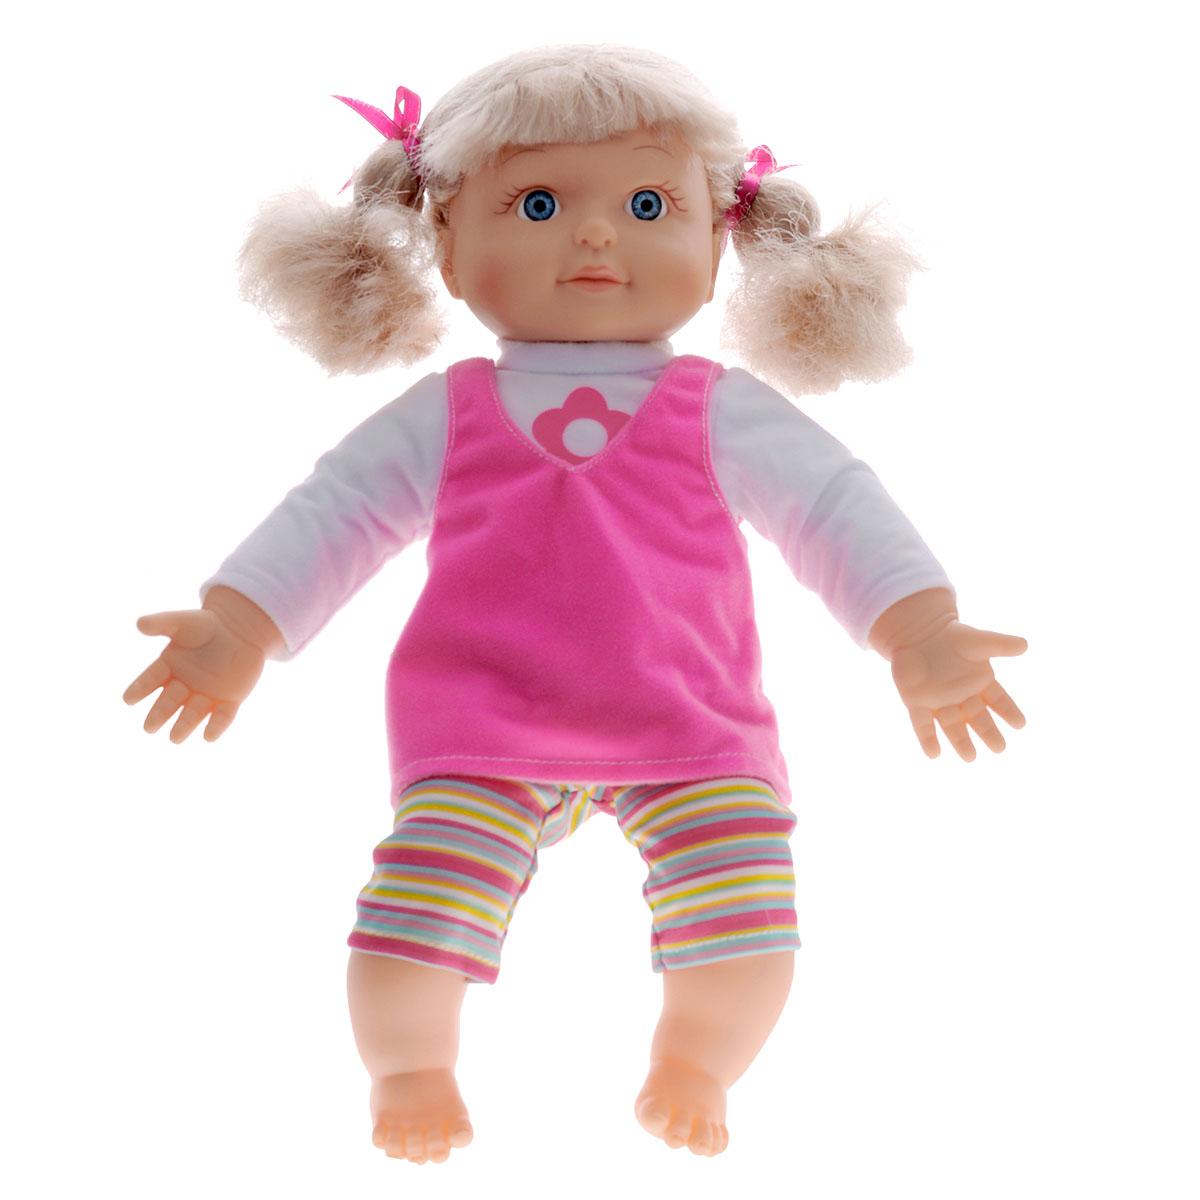 Mary Poppins Интерактивная кукла Алена Я учу части тела, 38 см жозефина и ее куклы